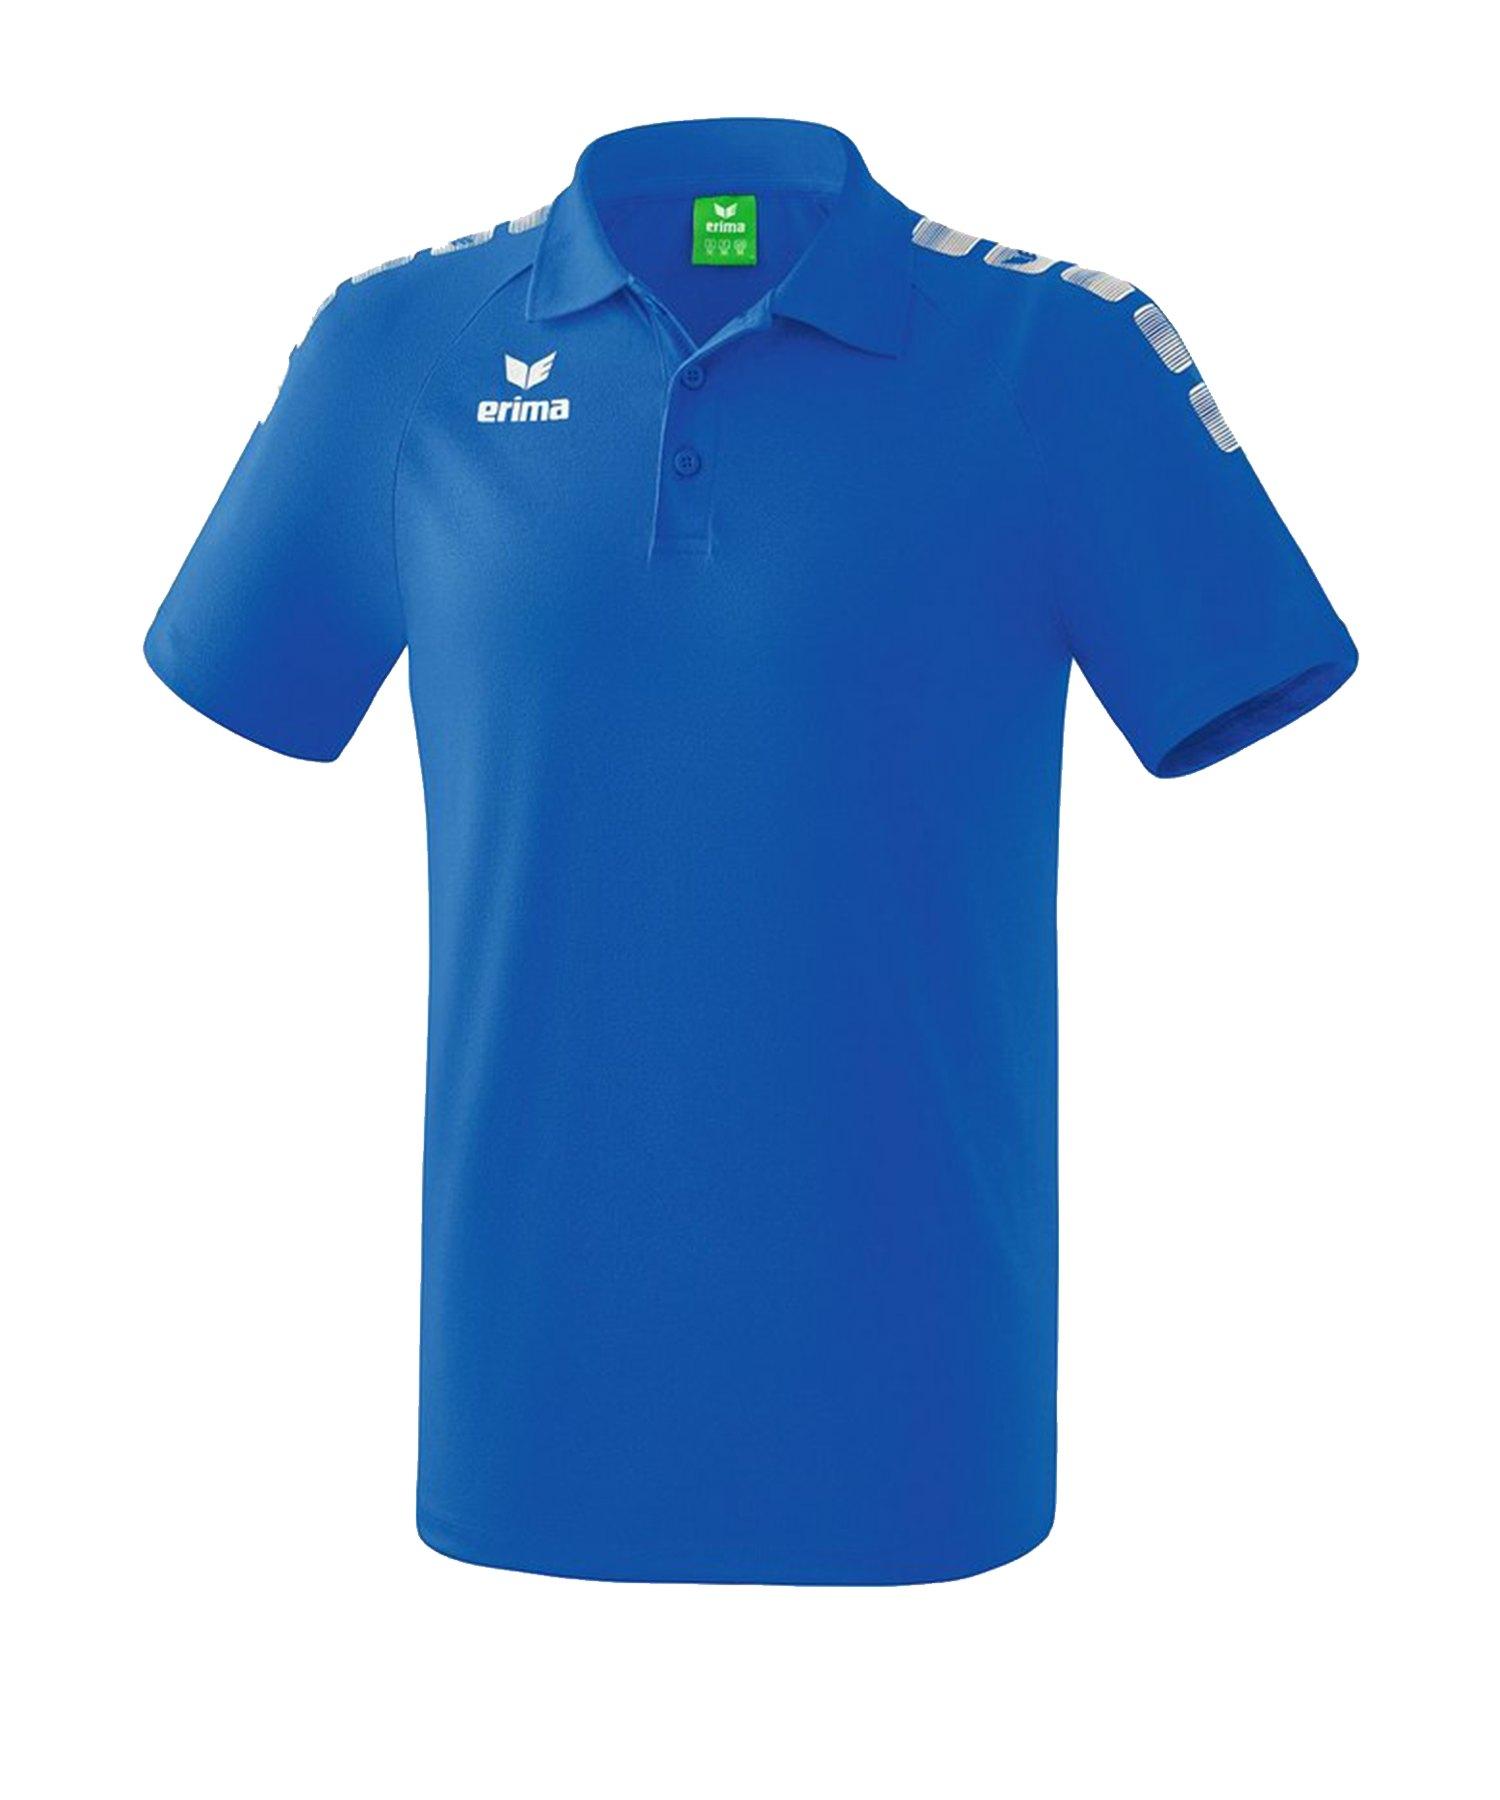 Erima Essential 5-C Poloshirt Blau Weiss - Blau